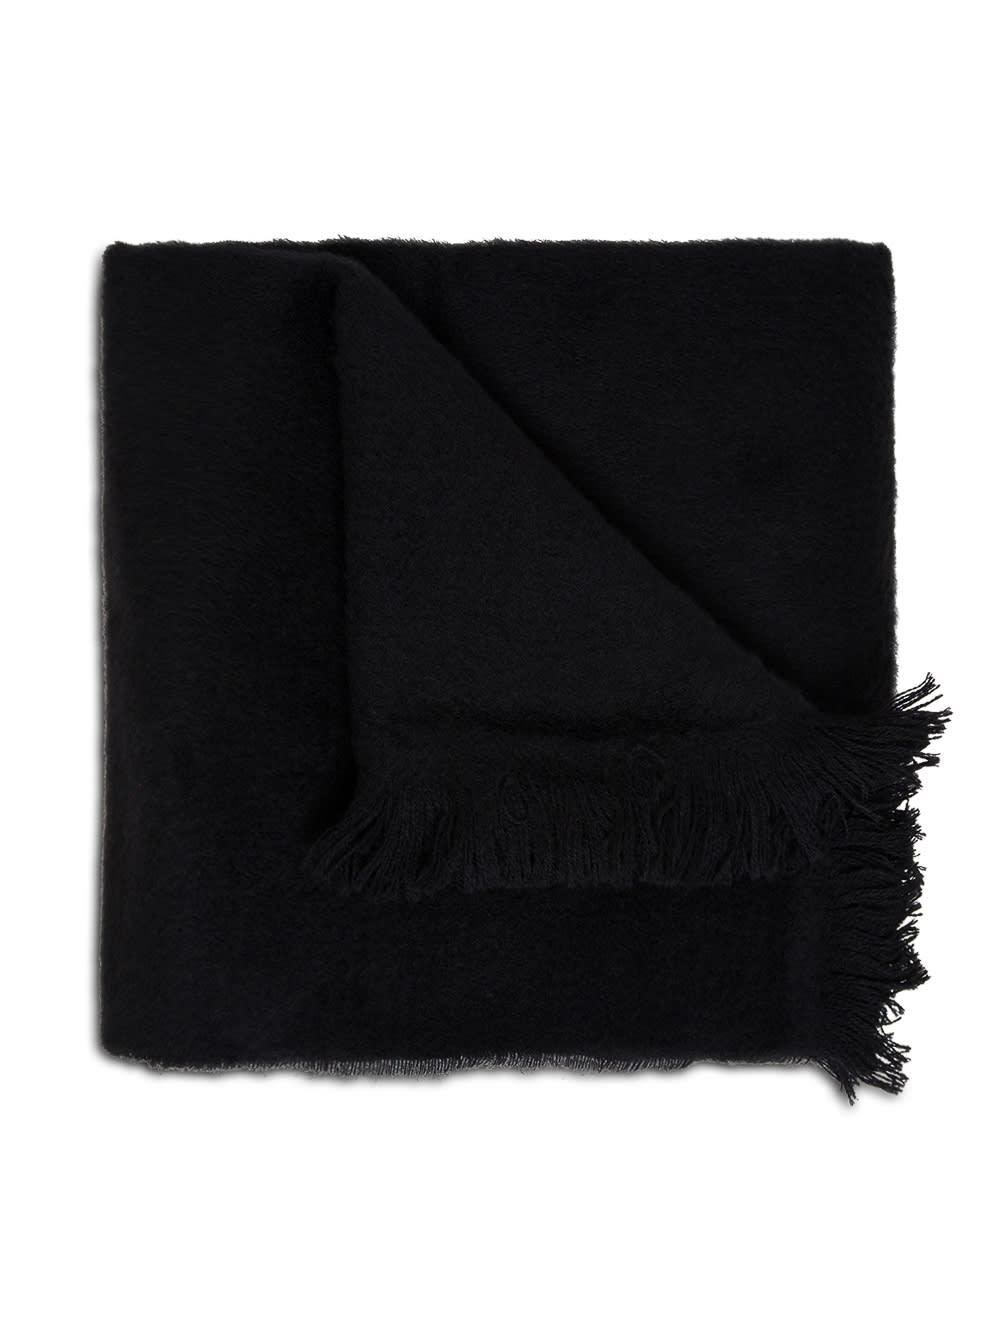 Jucca Black Wool Scarf